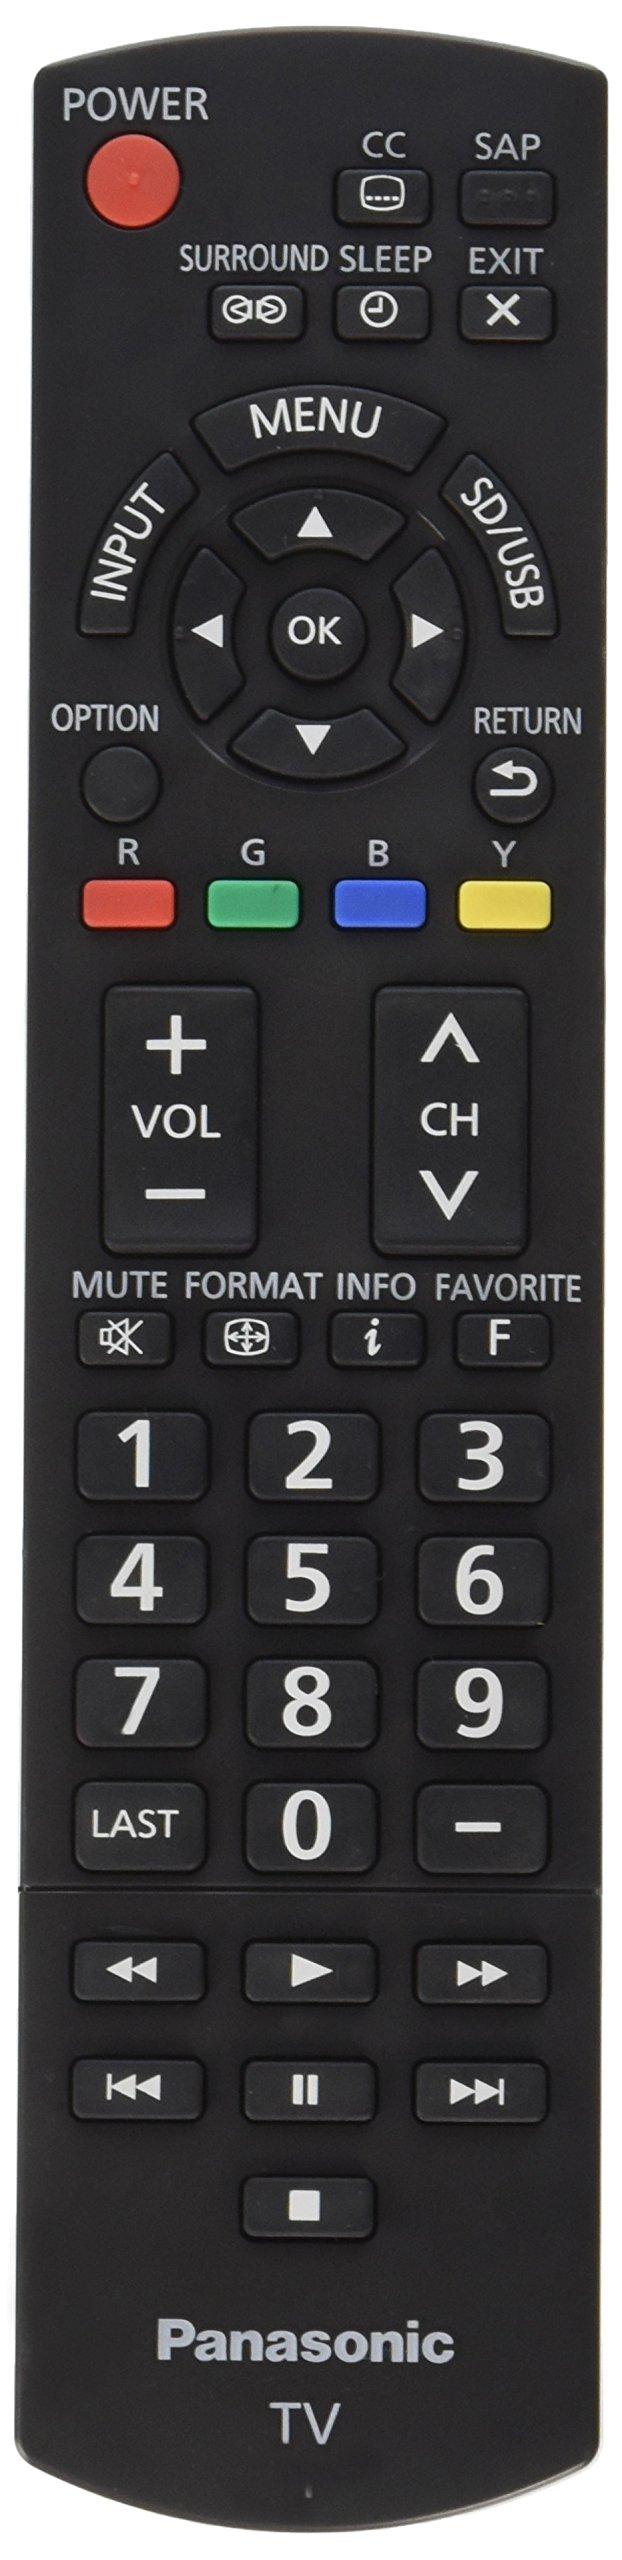 Panasonic N2QAYB000706 Remote Control